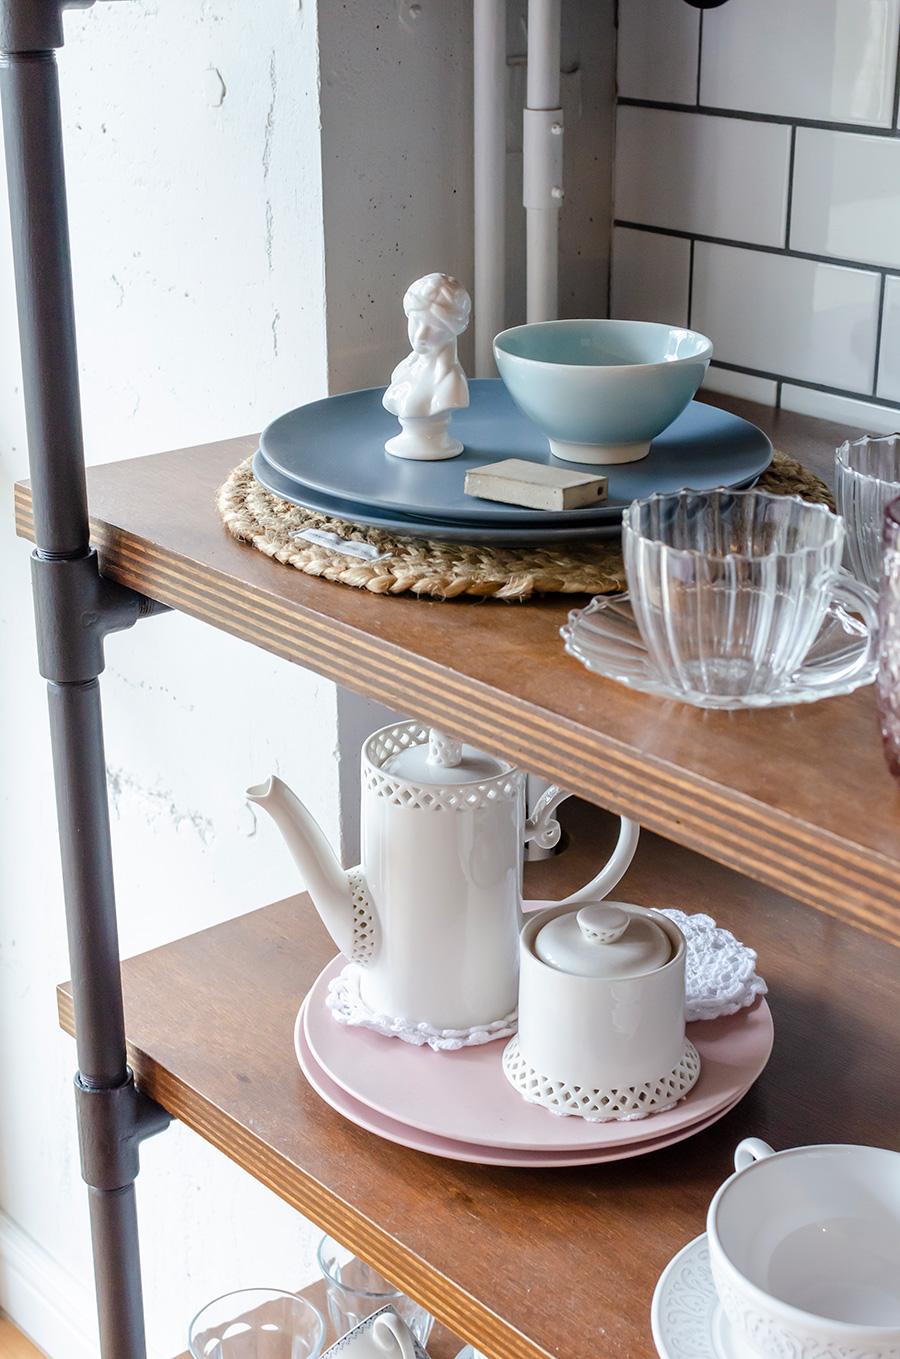 棚にはガーリーな陶器が多く並ぶ。